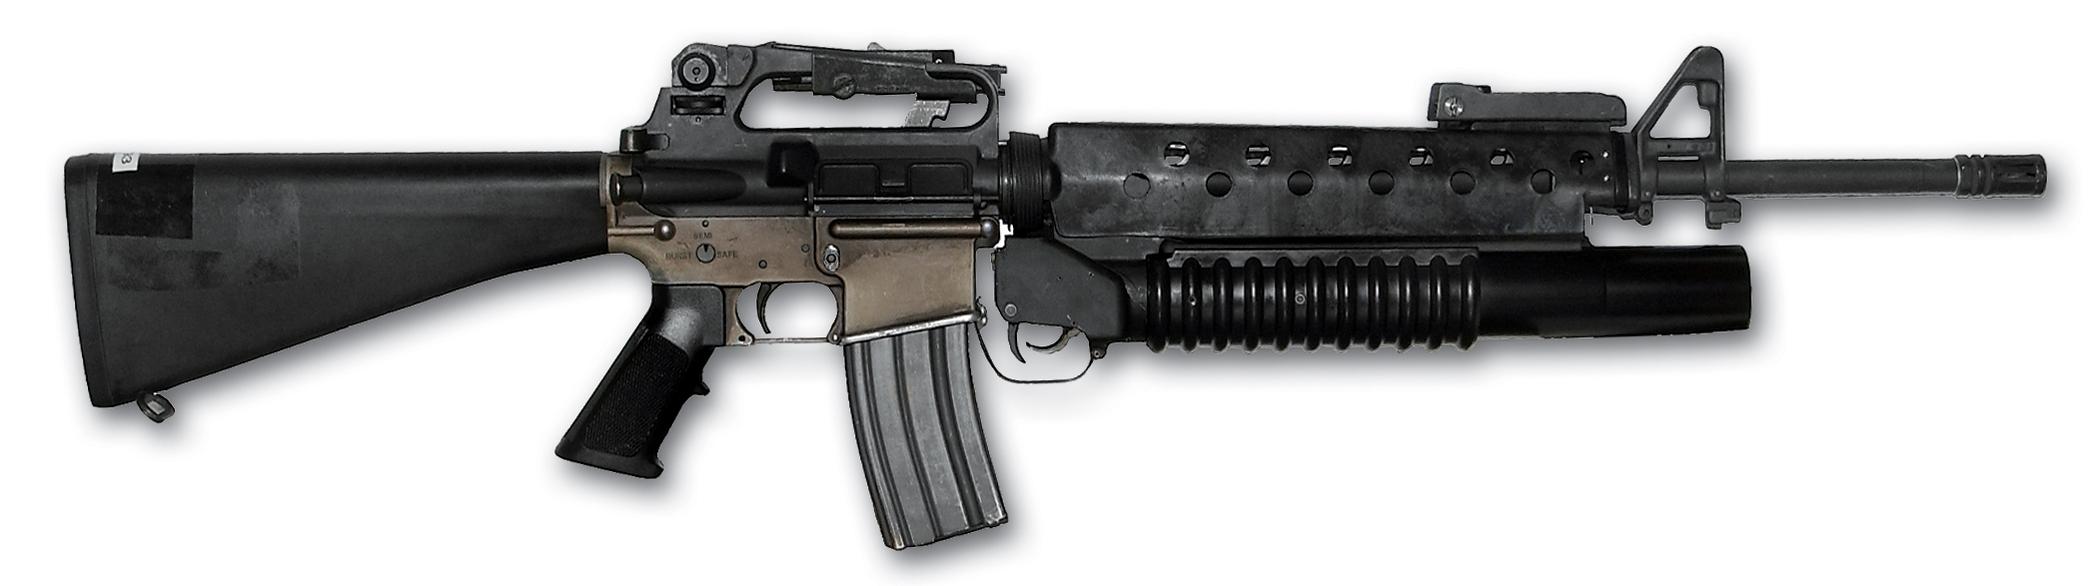 M203 40mm Grena...